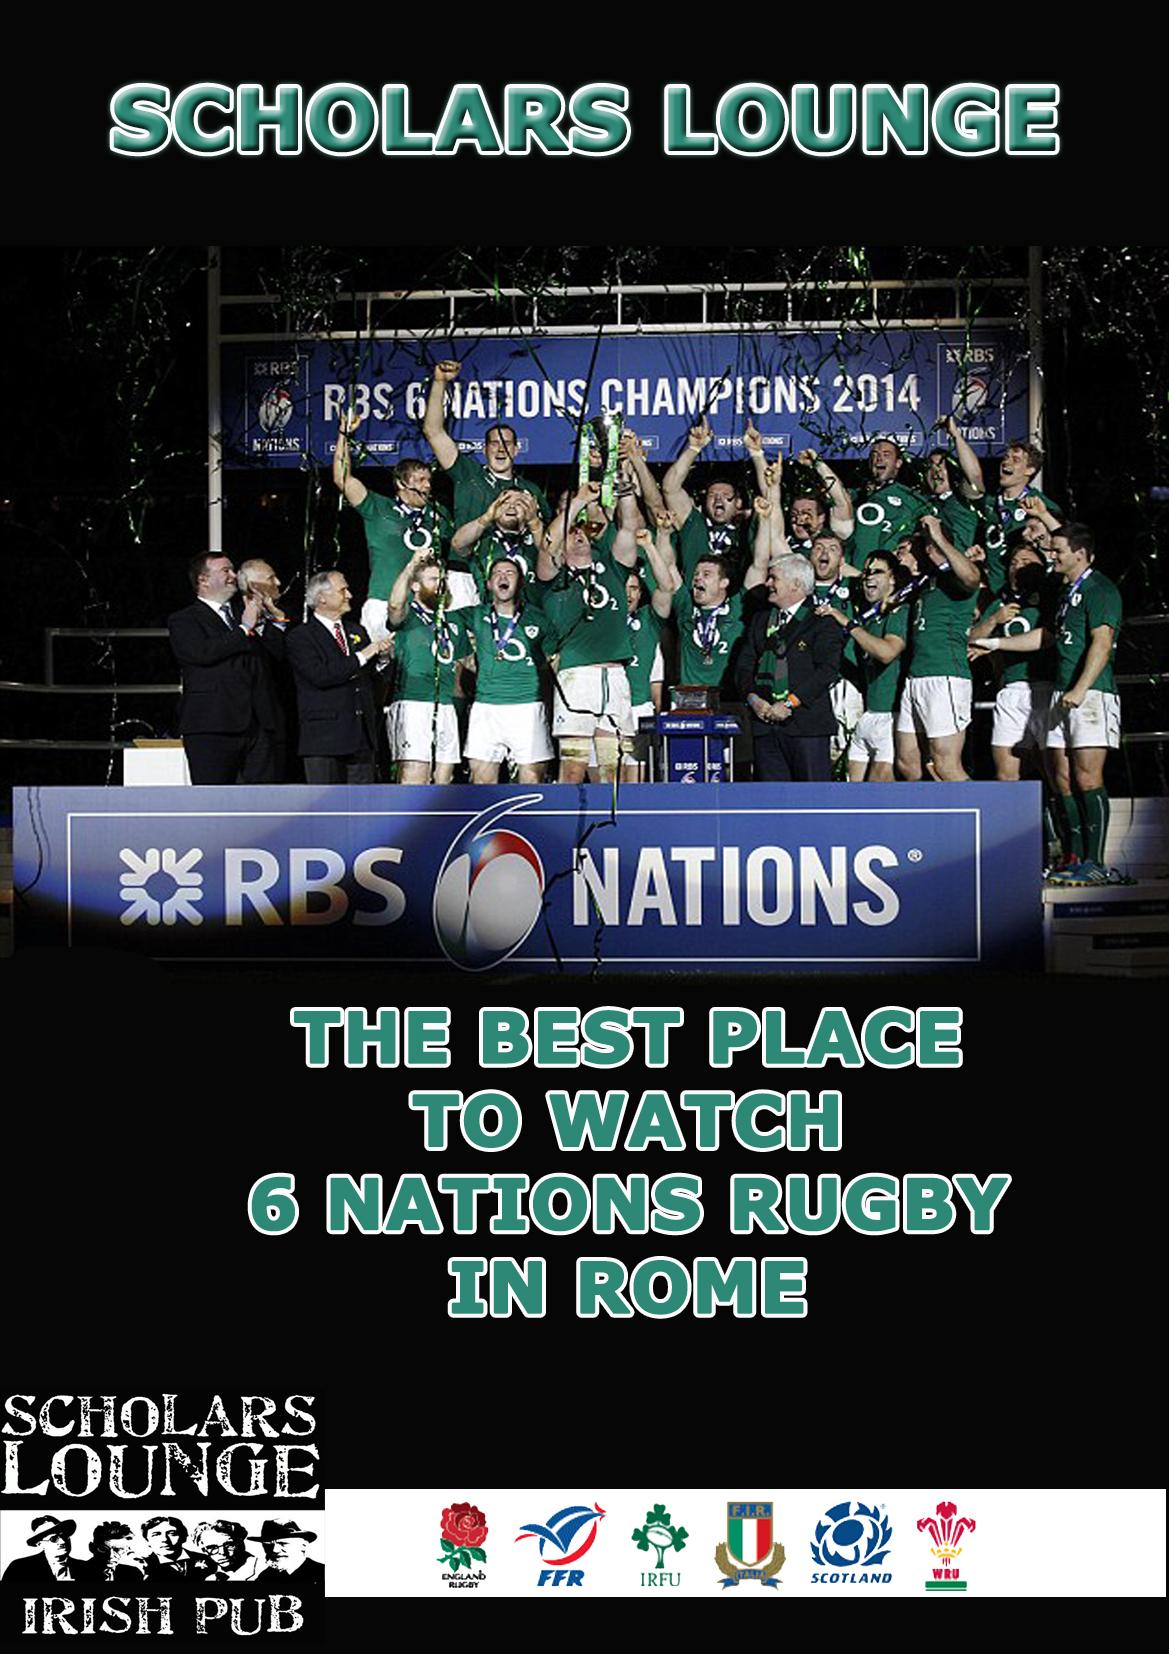 6 nations 2016 ireblack.jpg